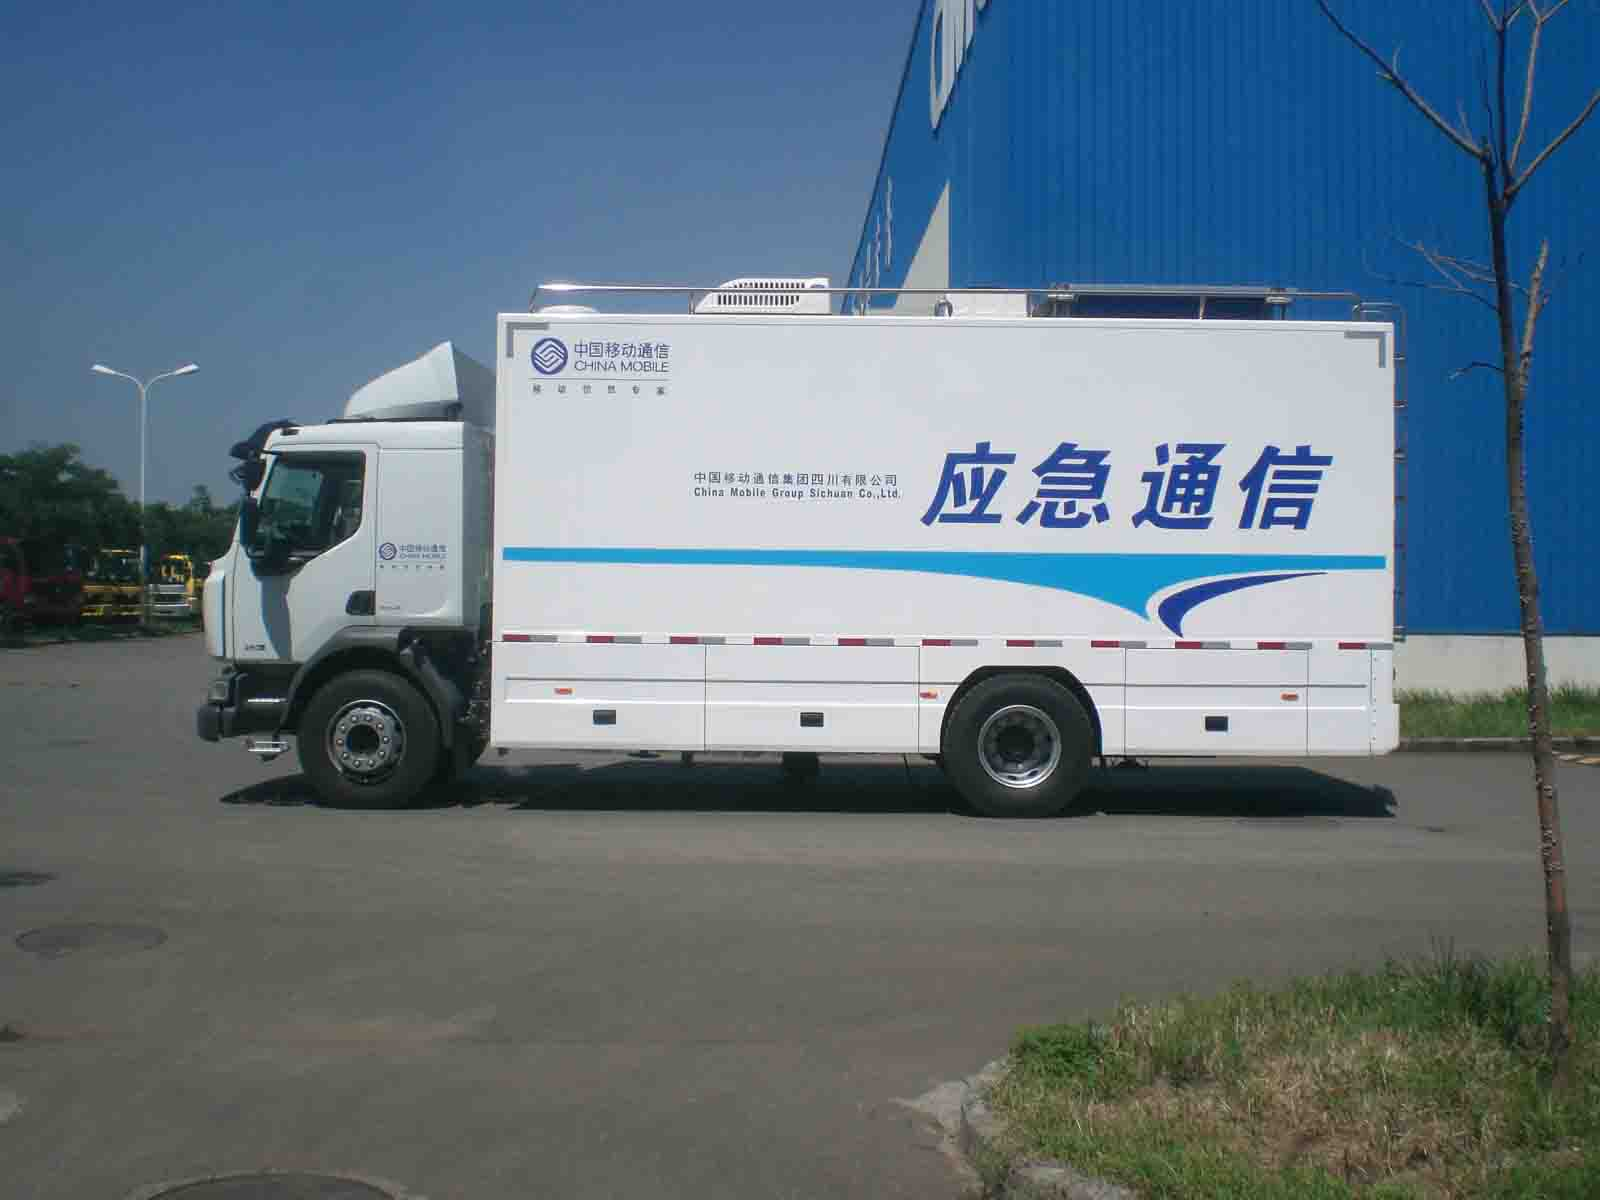 通讯指挥车报价,通讯指挥车用途,通讯指挥车参数